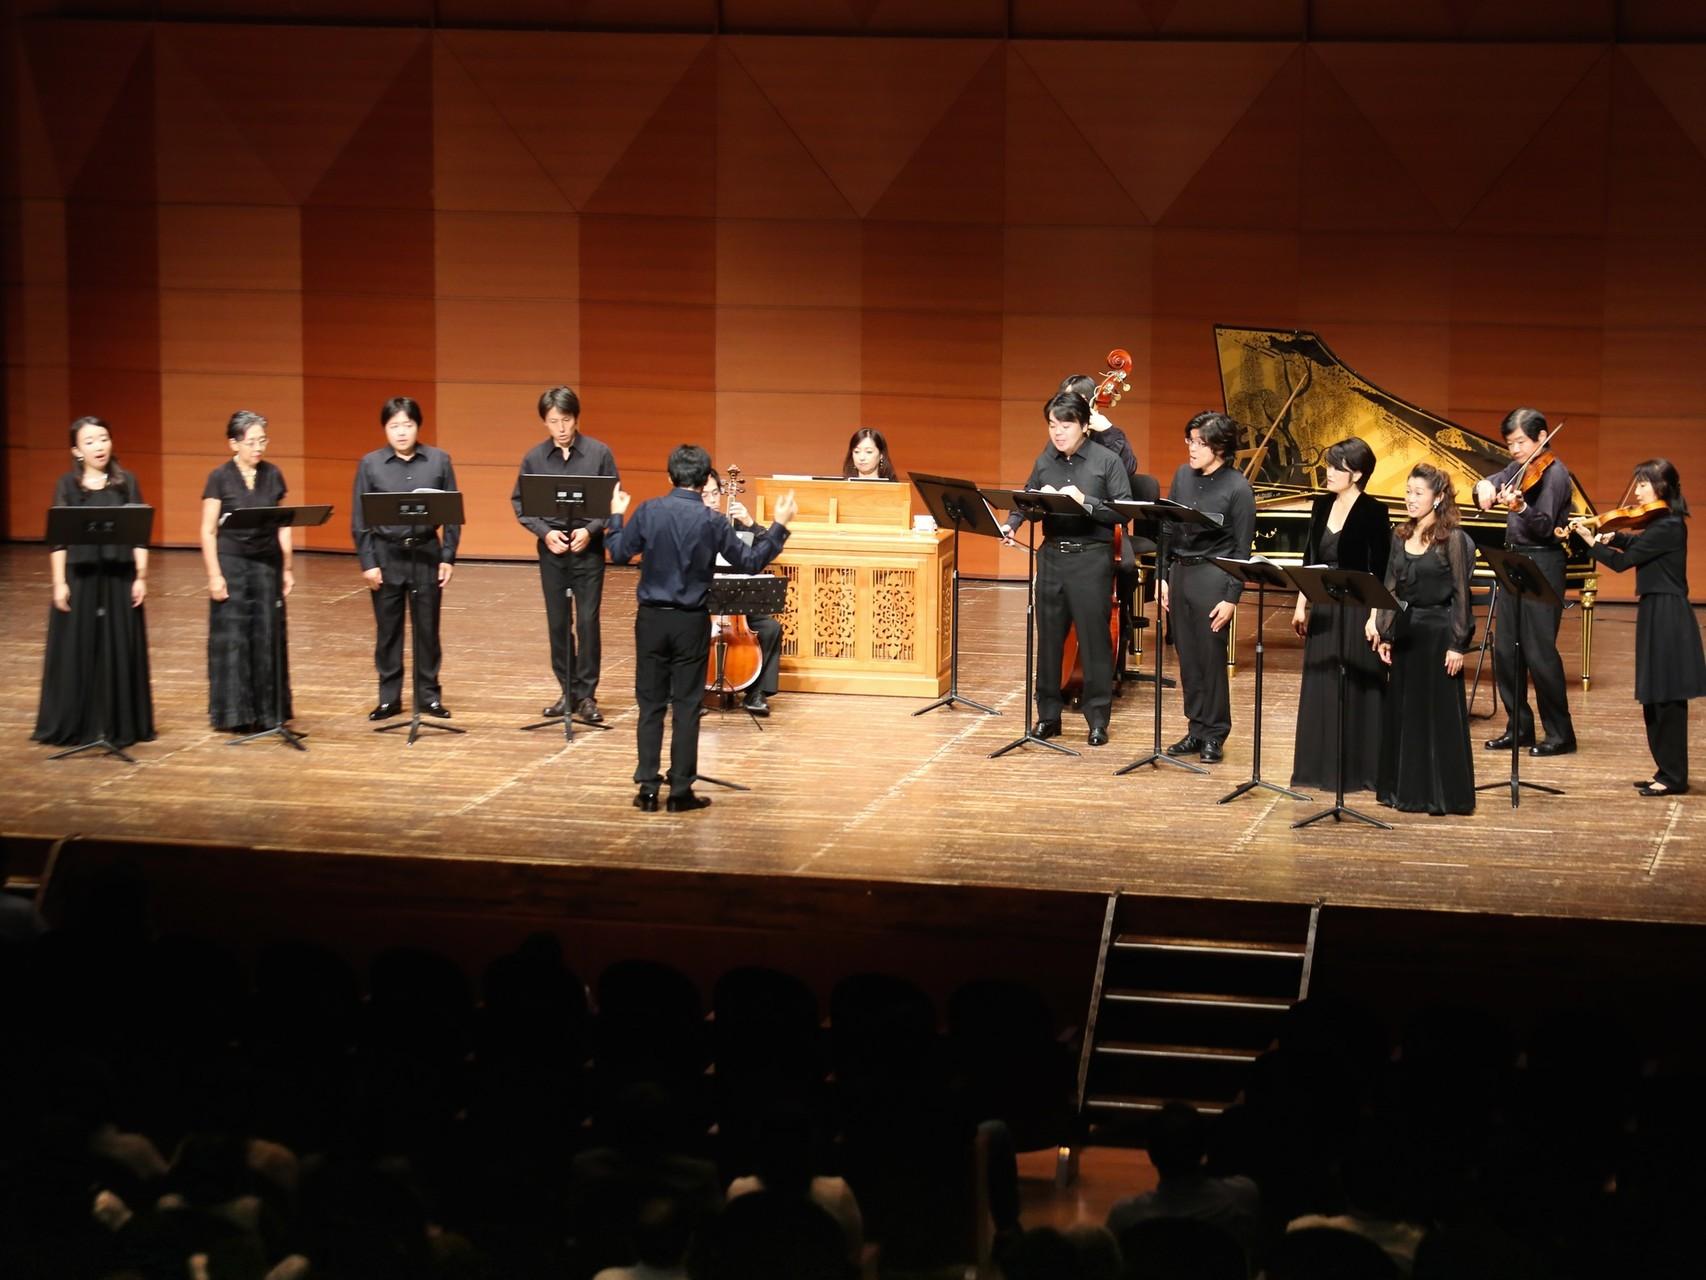 J.S.バッハ:モテット第1番 BWV 225《主は向かいて新しき歌を歌え》